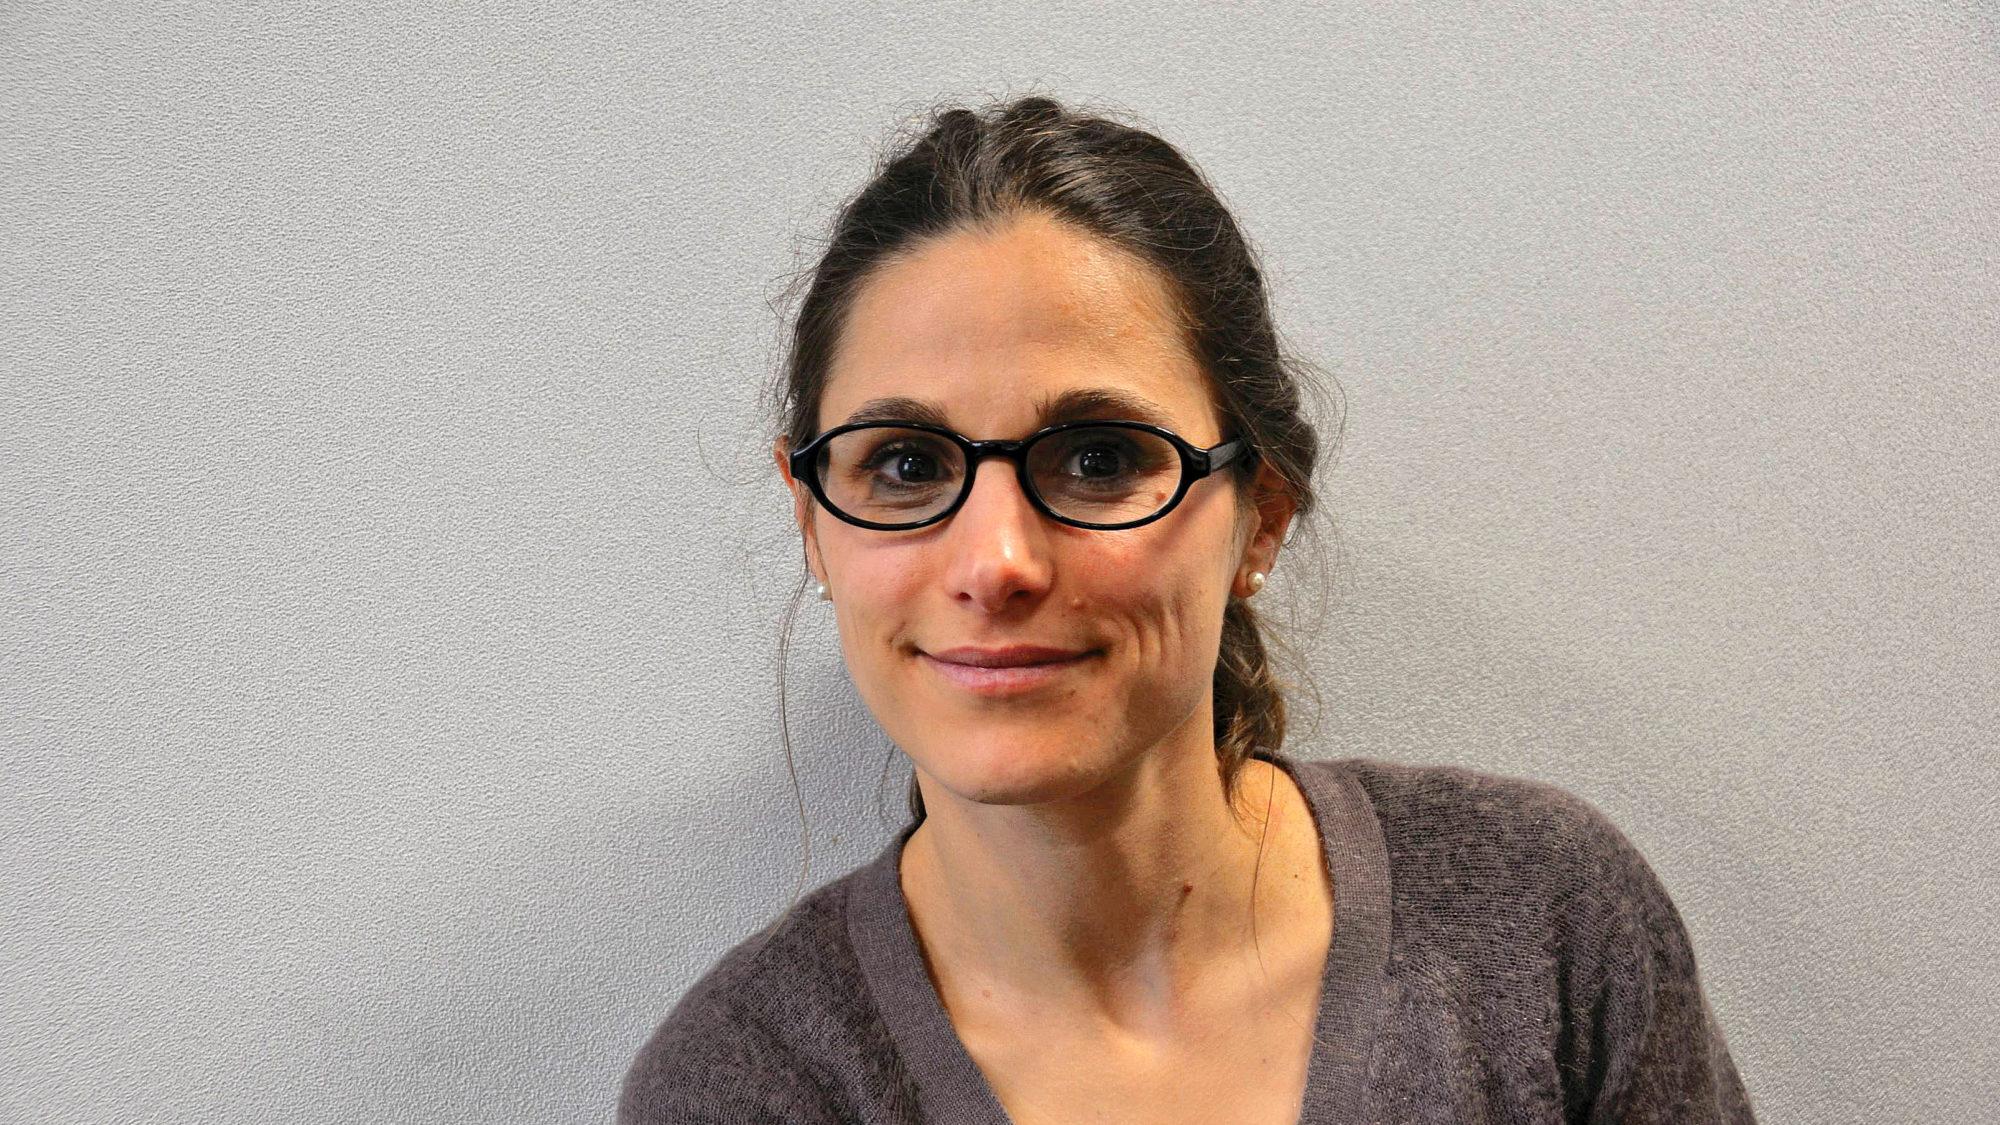 Isabelle van Steenbrugghe